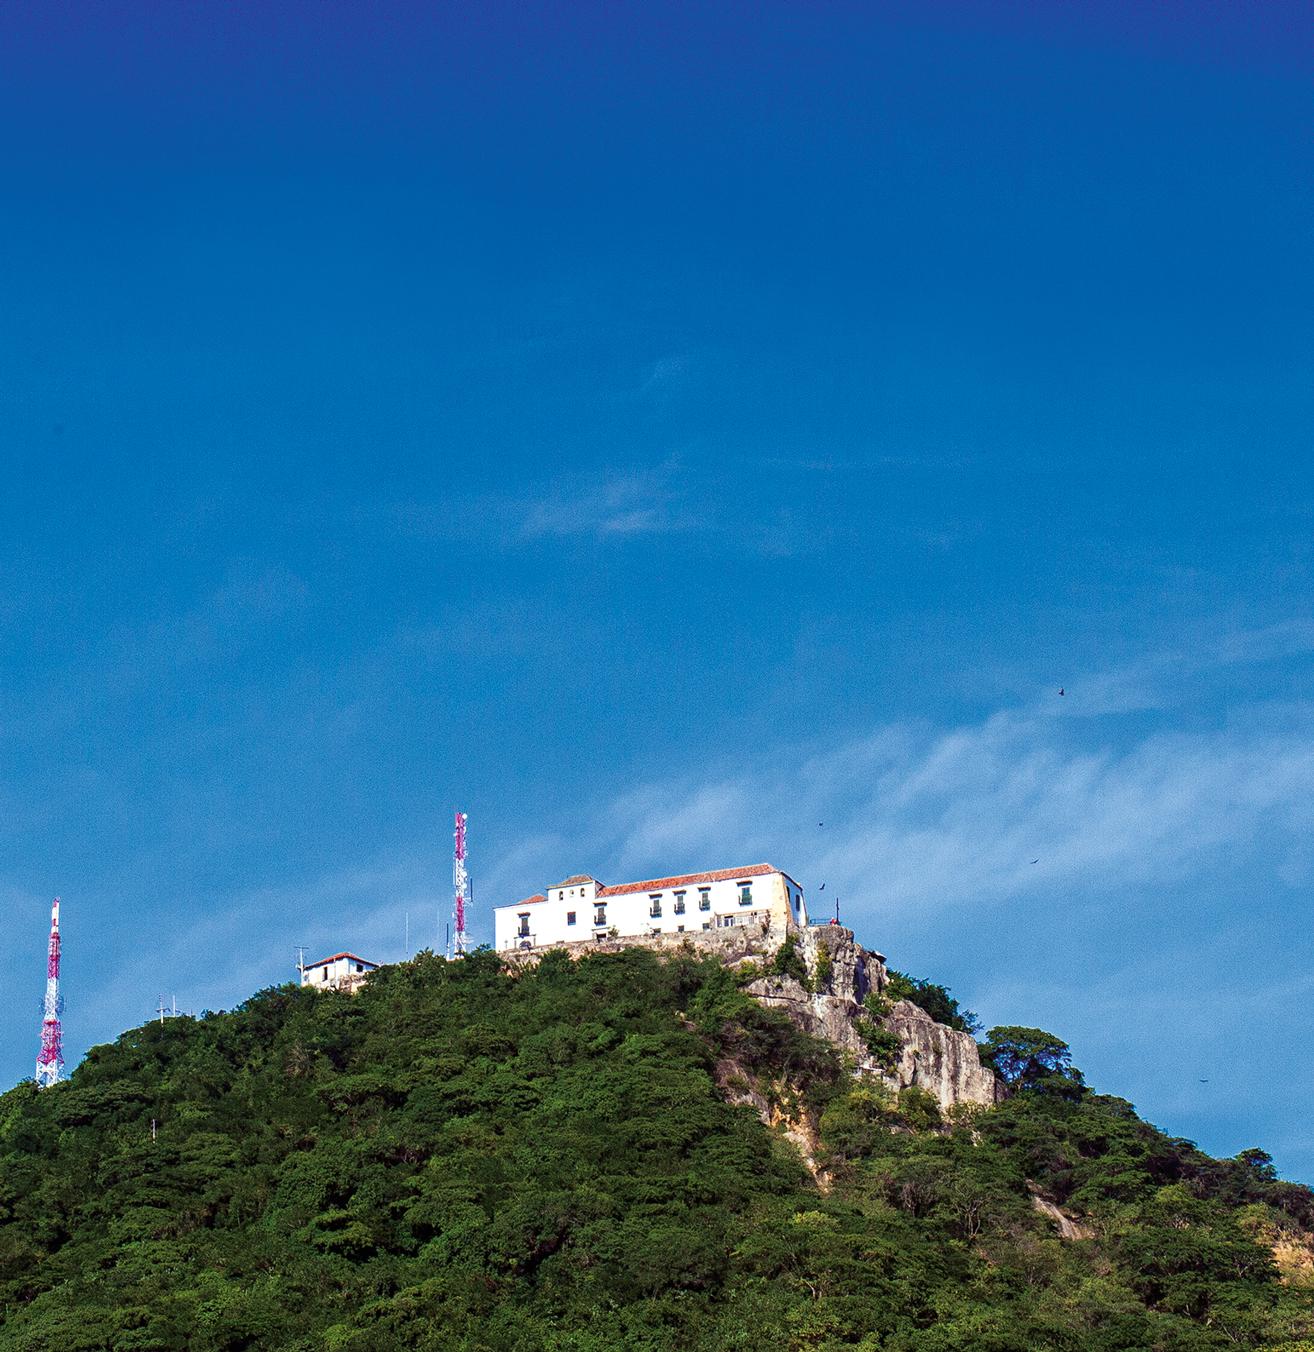 <CENTER>Cerro de la Popa</CENTER>